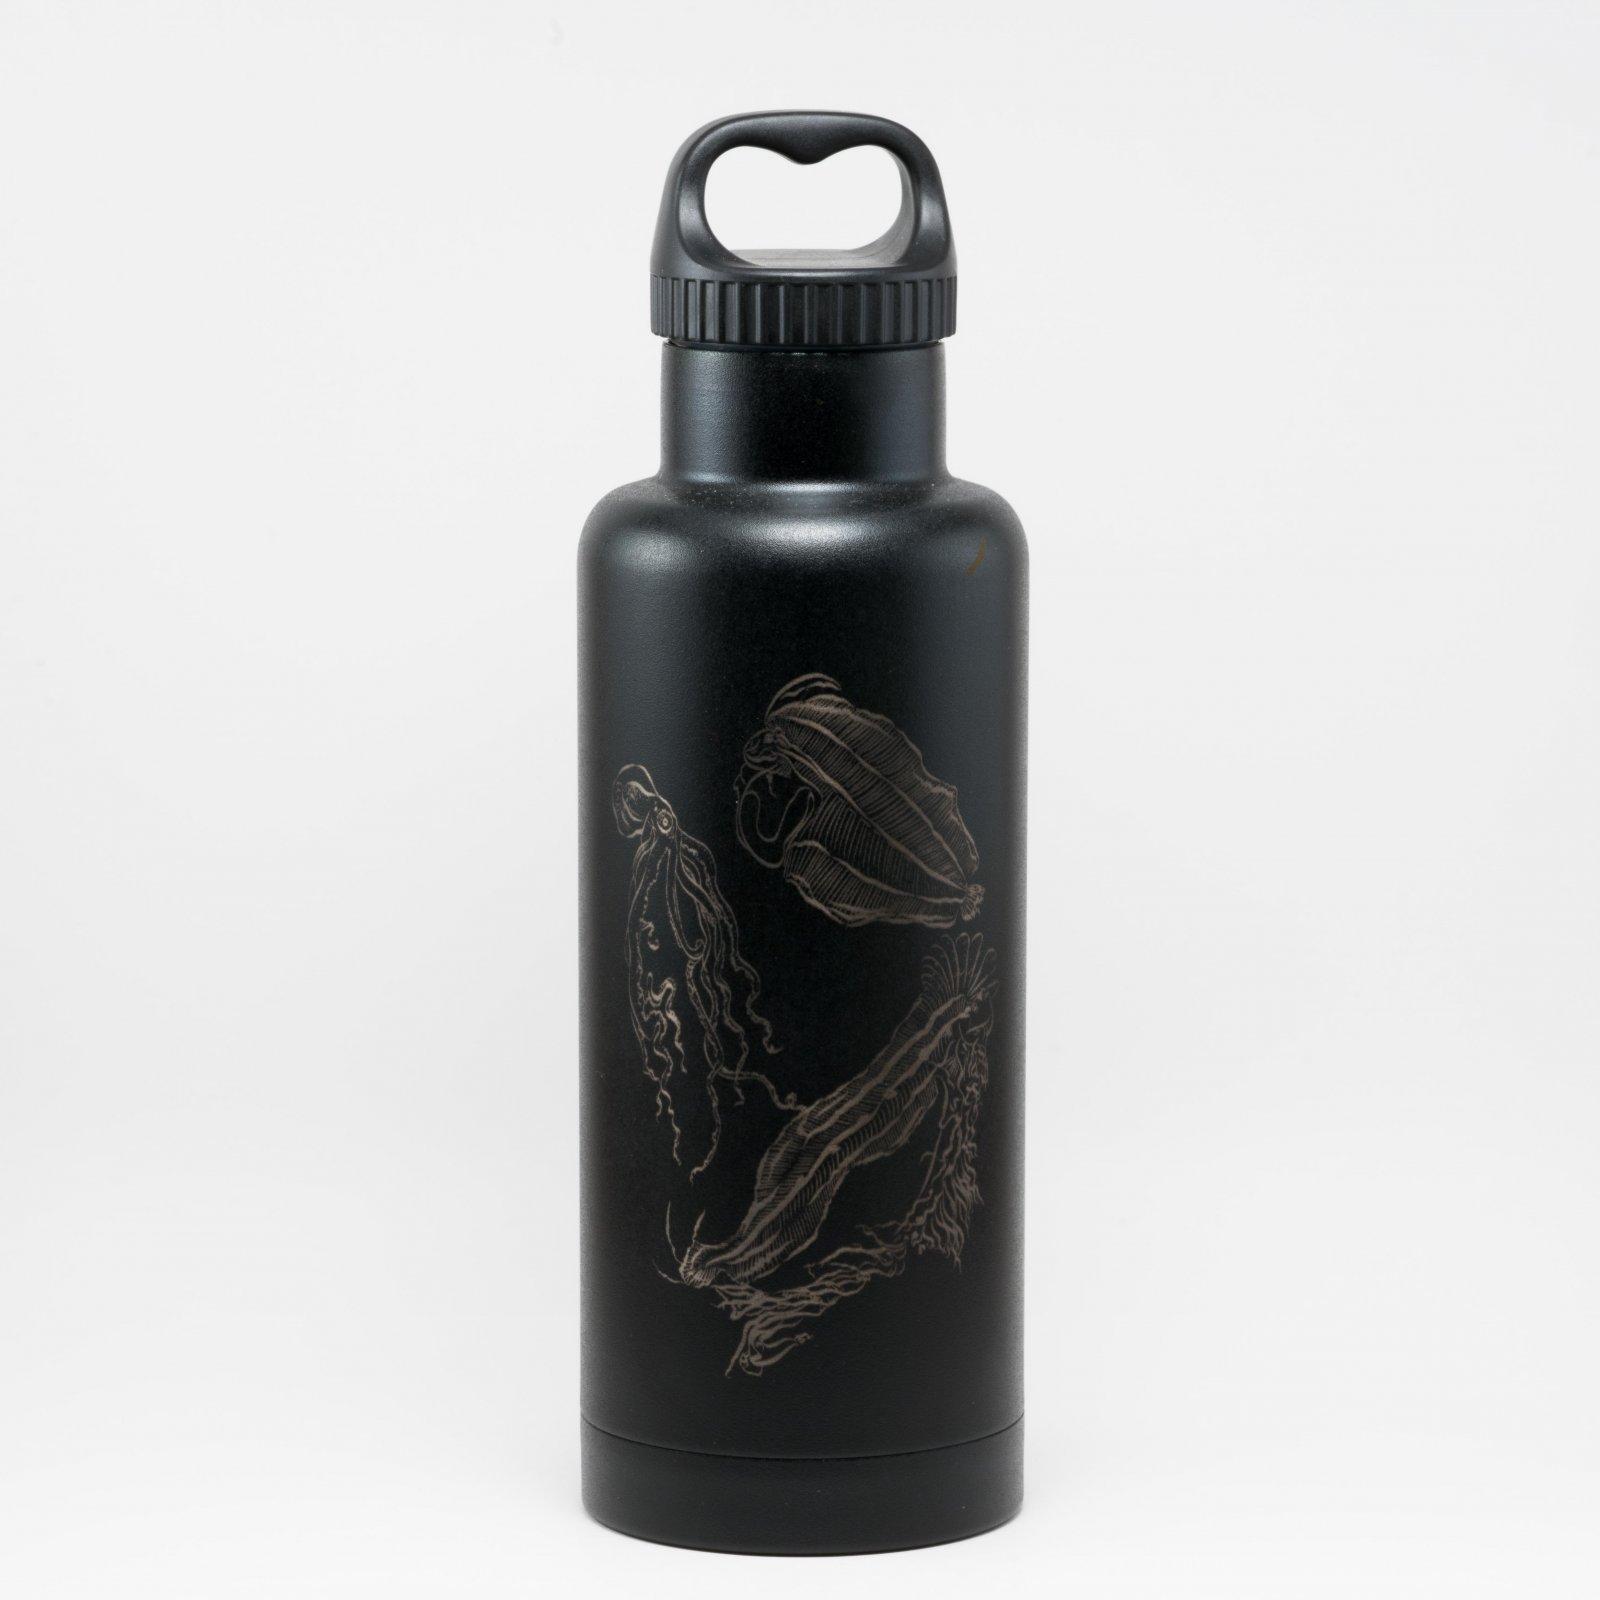 Black Water 50/50 Bottle